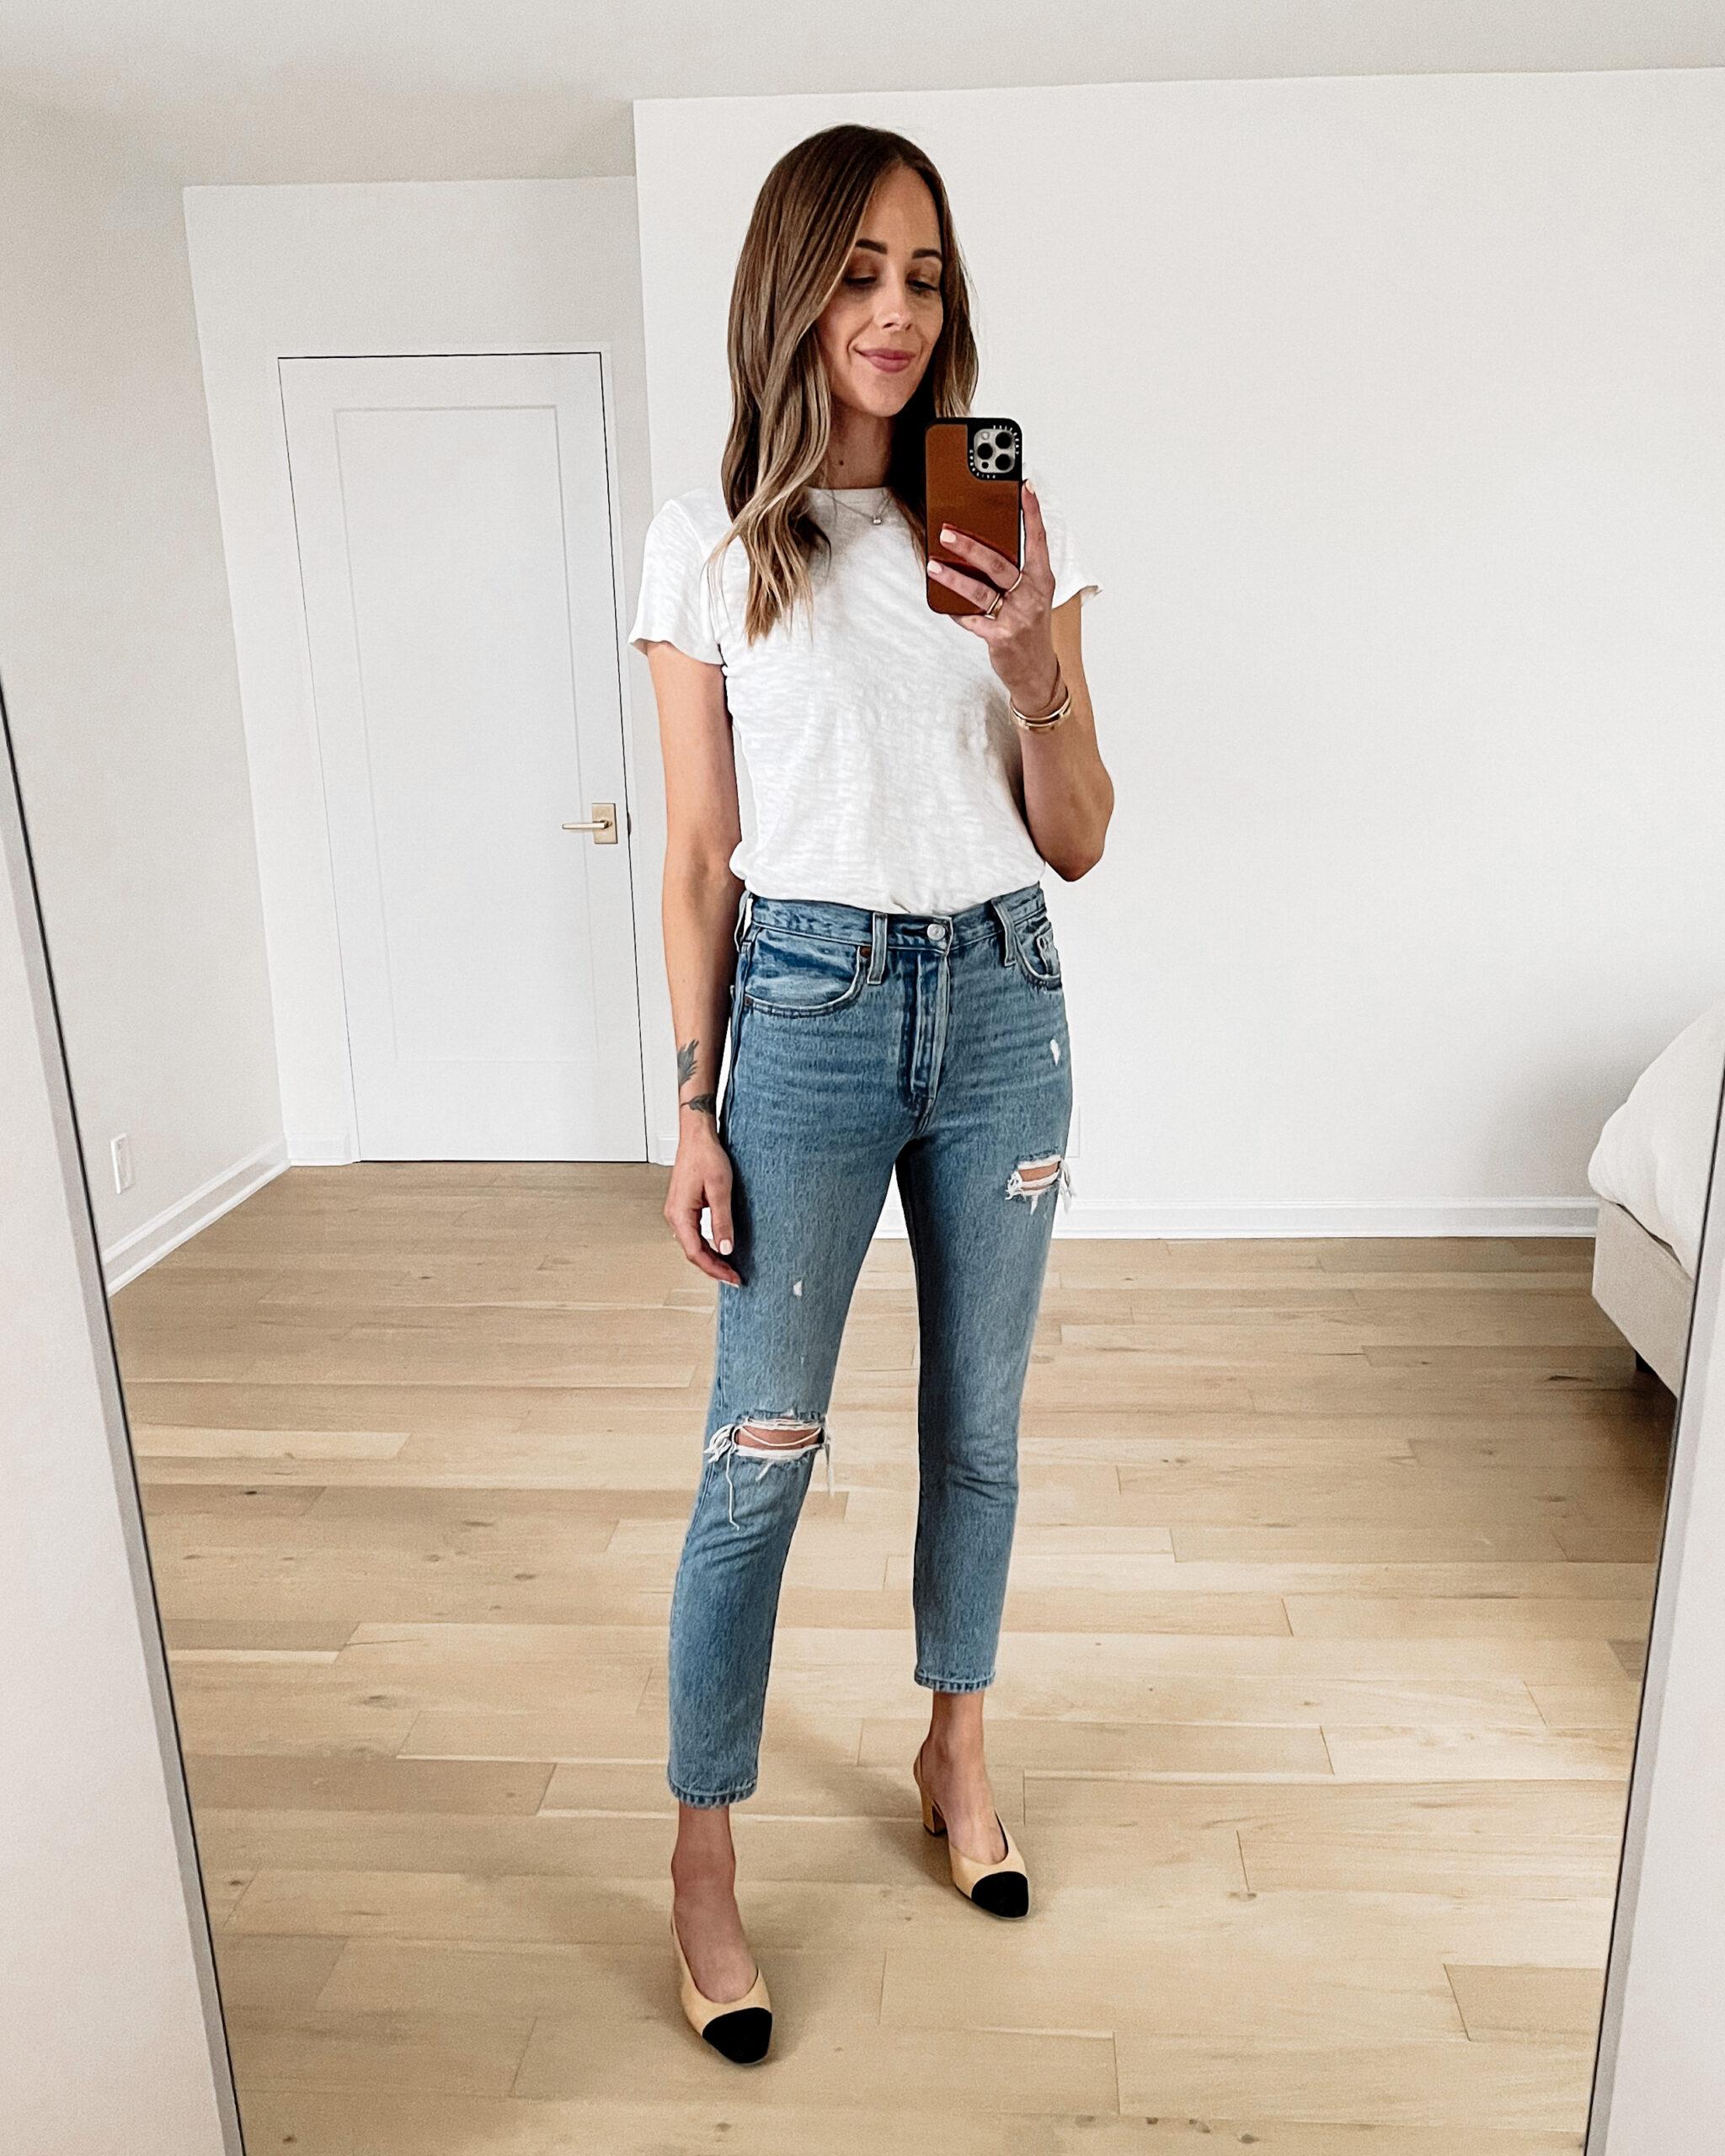 Fashion Jackson Wearing ATM White Tshirt Levis 501 Ripped Skinny Jeans Chanel Slingbacks